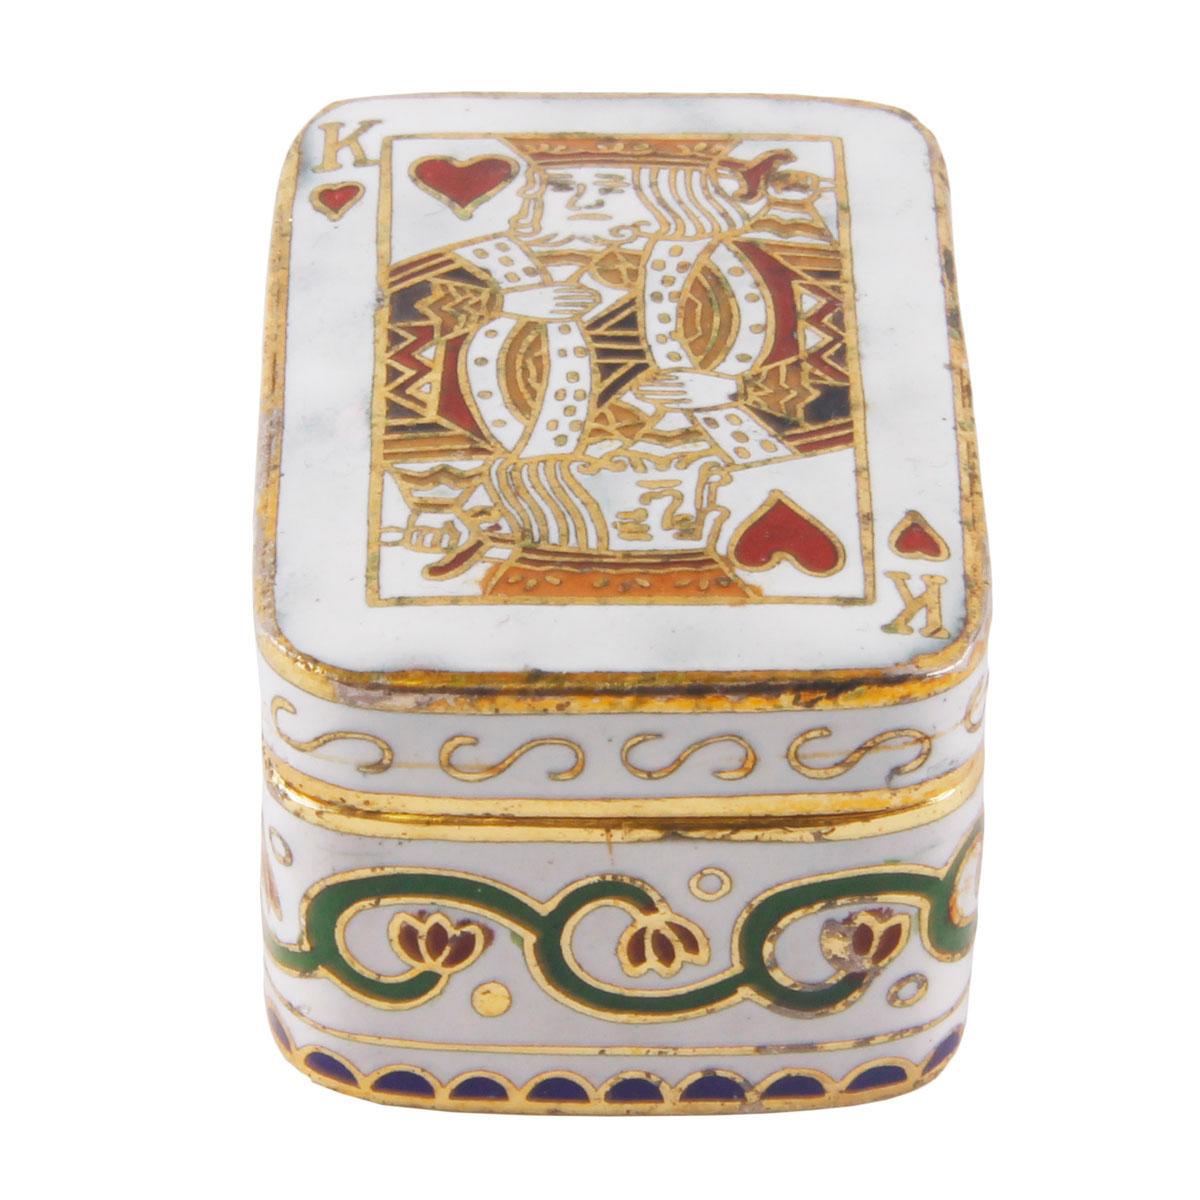 Таблетница Карточный король. Металл, роспись. Китай, вторая половина XX века ираклий андроников о собирателях редкостей